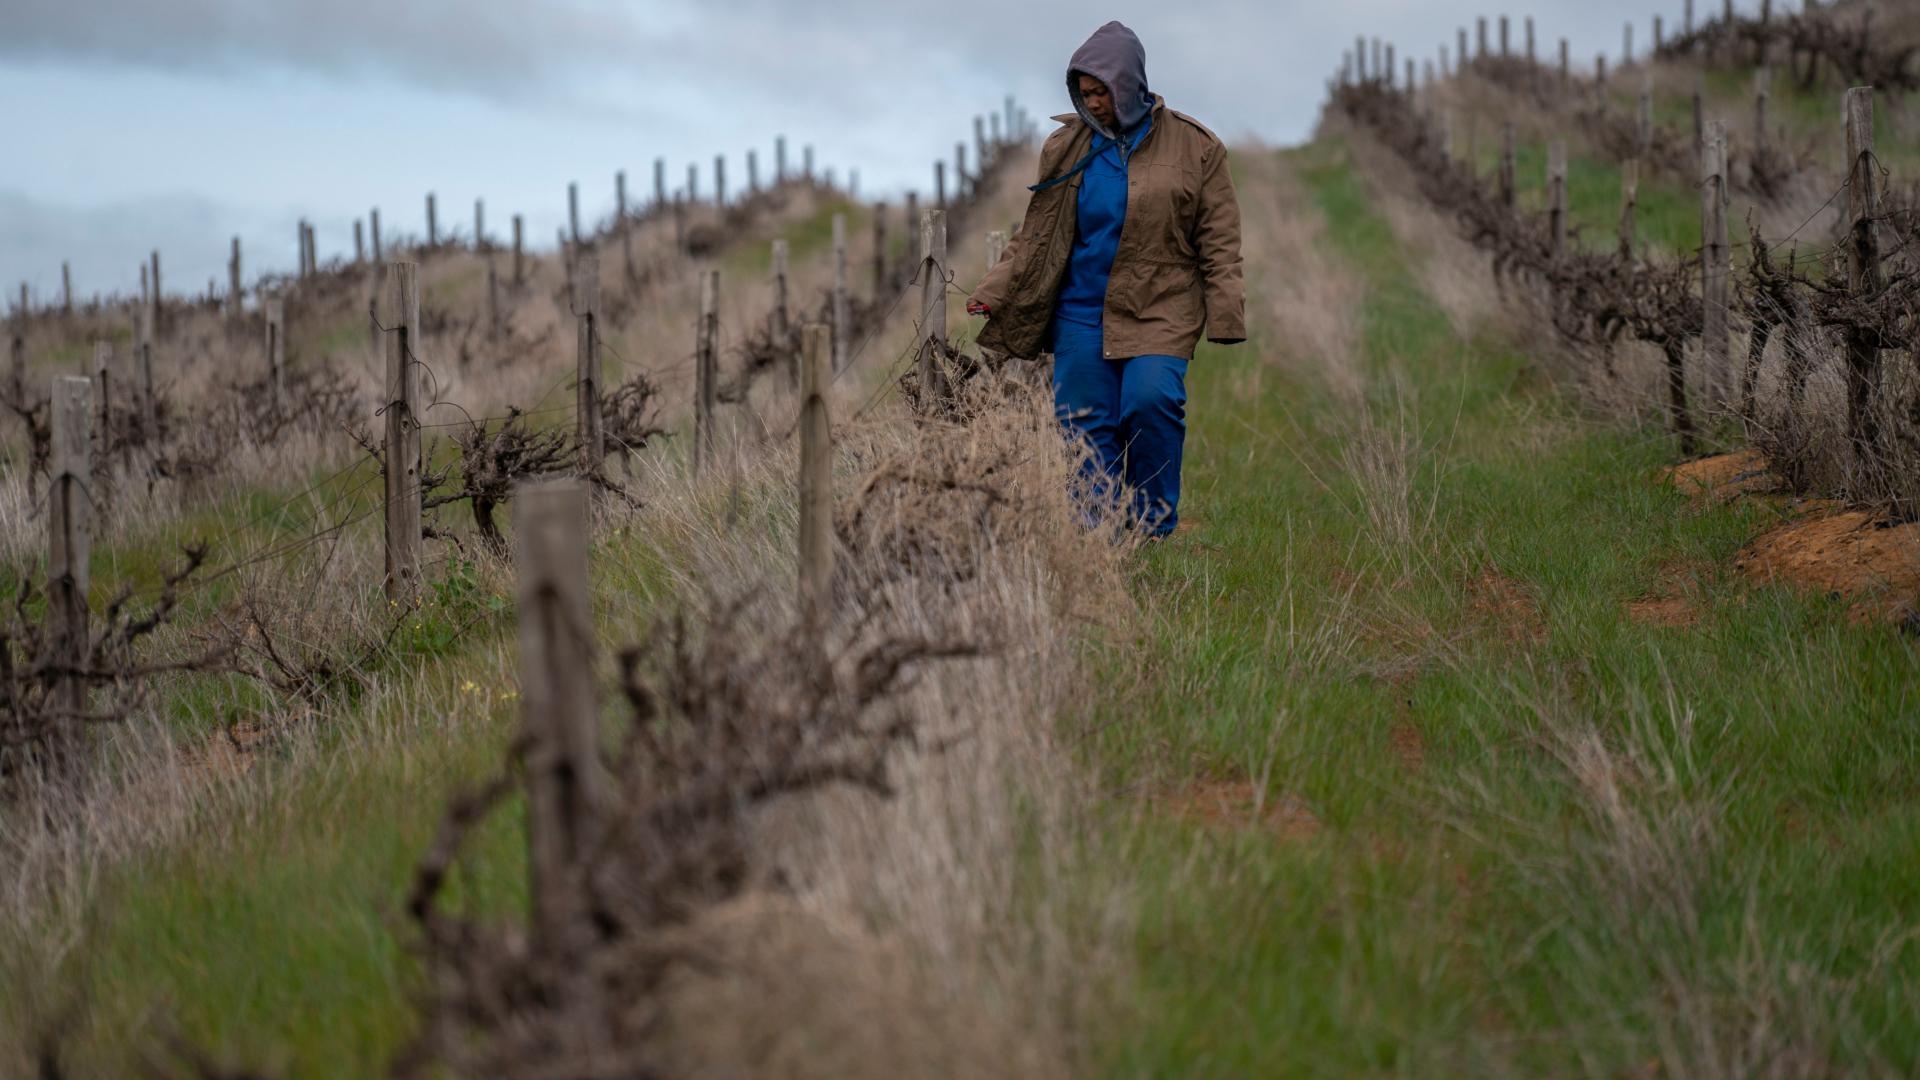 Erigiendo una choza en la región de Stellenbosch, la cual tiene fama por su vino. (Joao Silva/The New York Times)